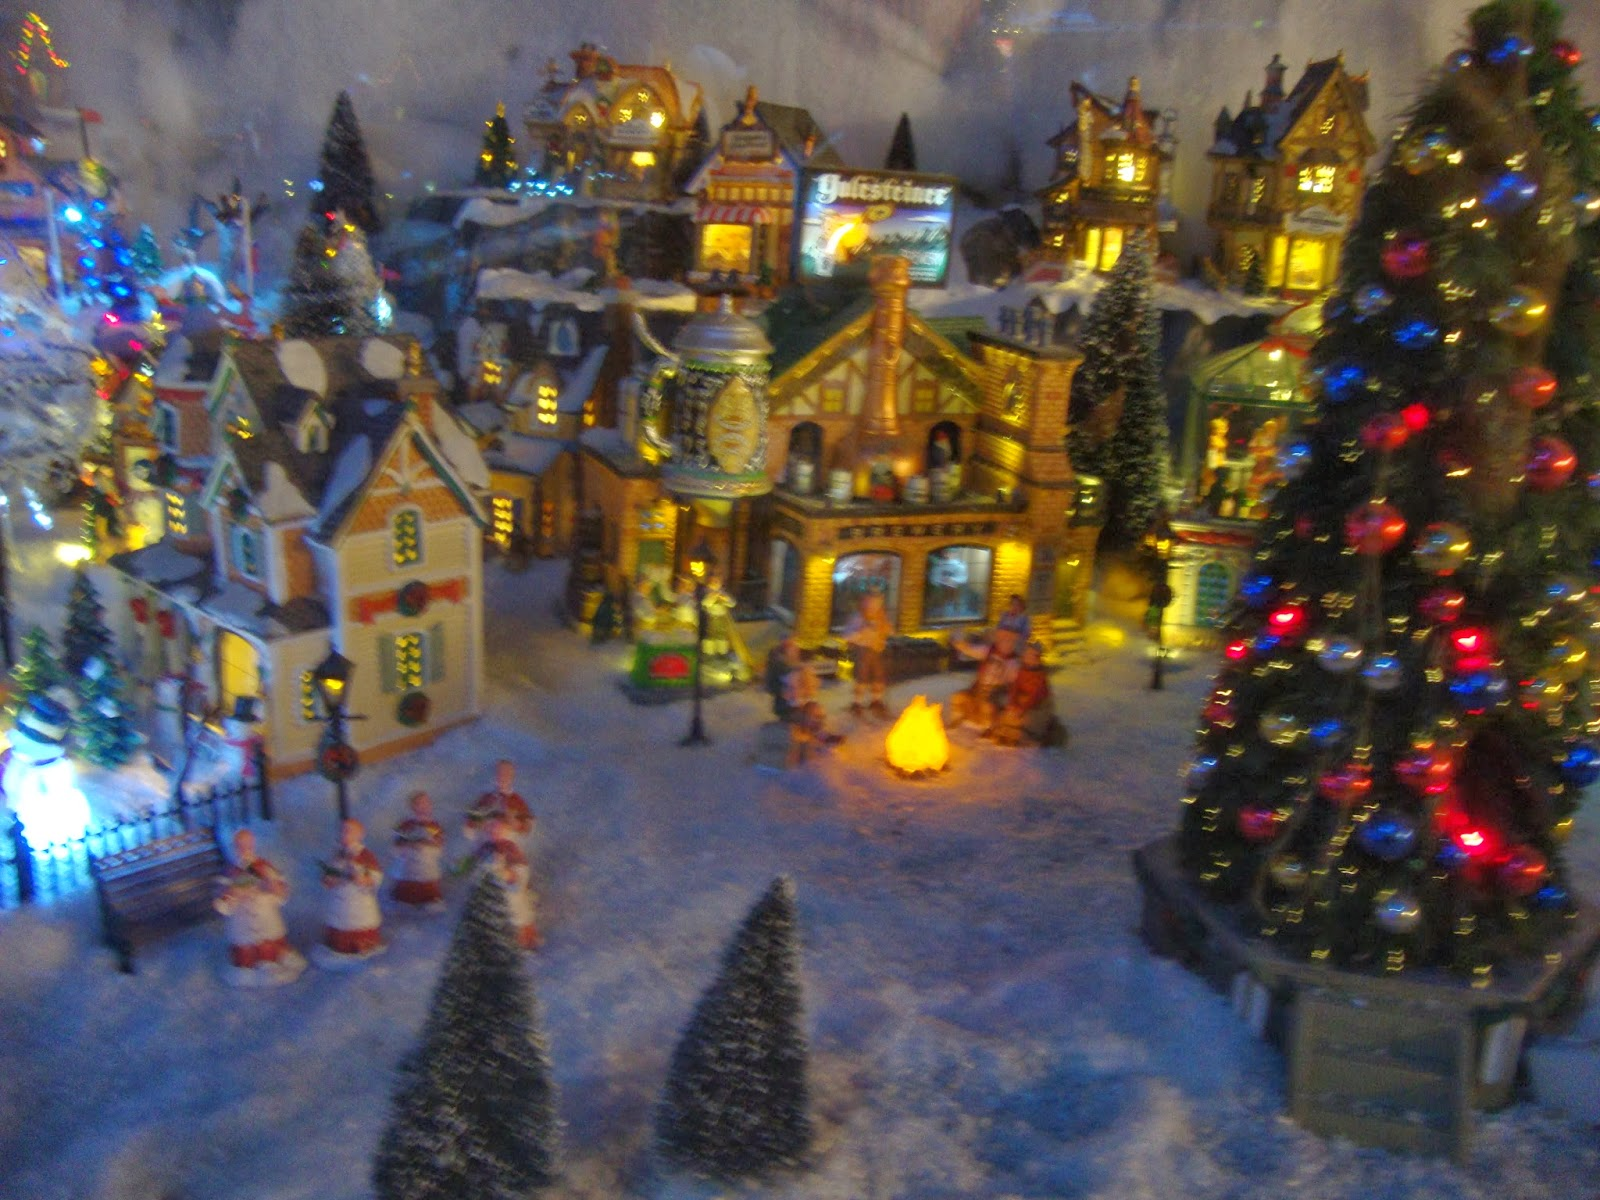 Paesaggio natalizio presepe  Disegni di Natale 2019